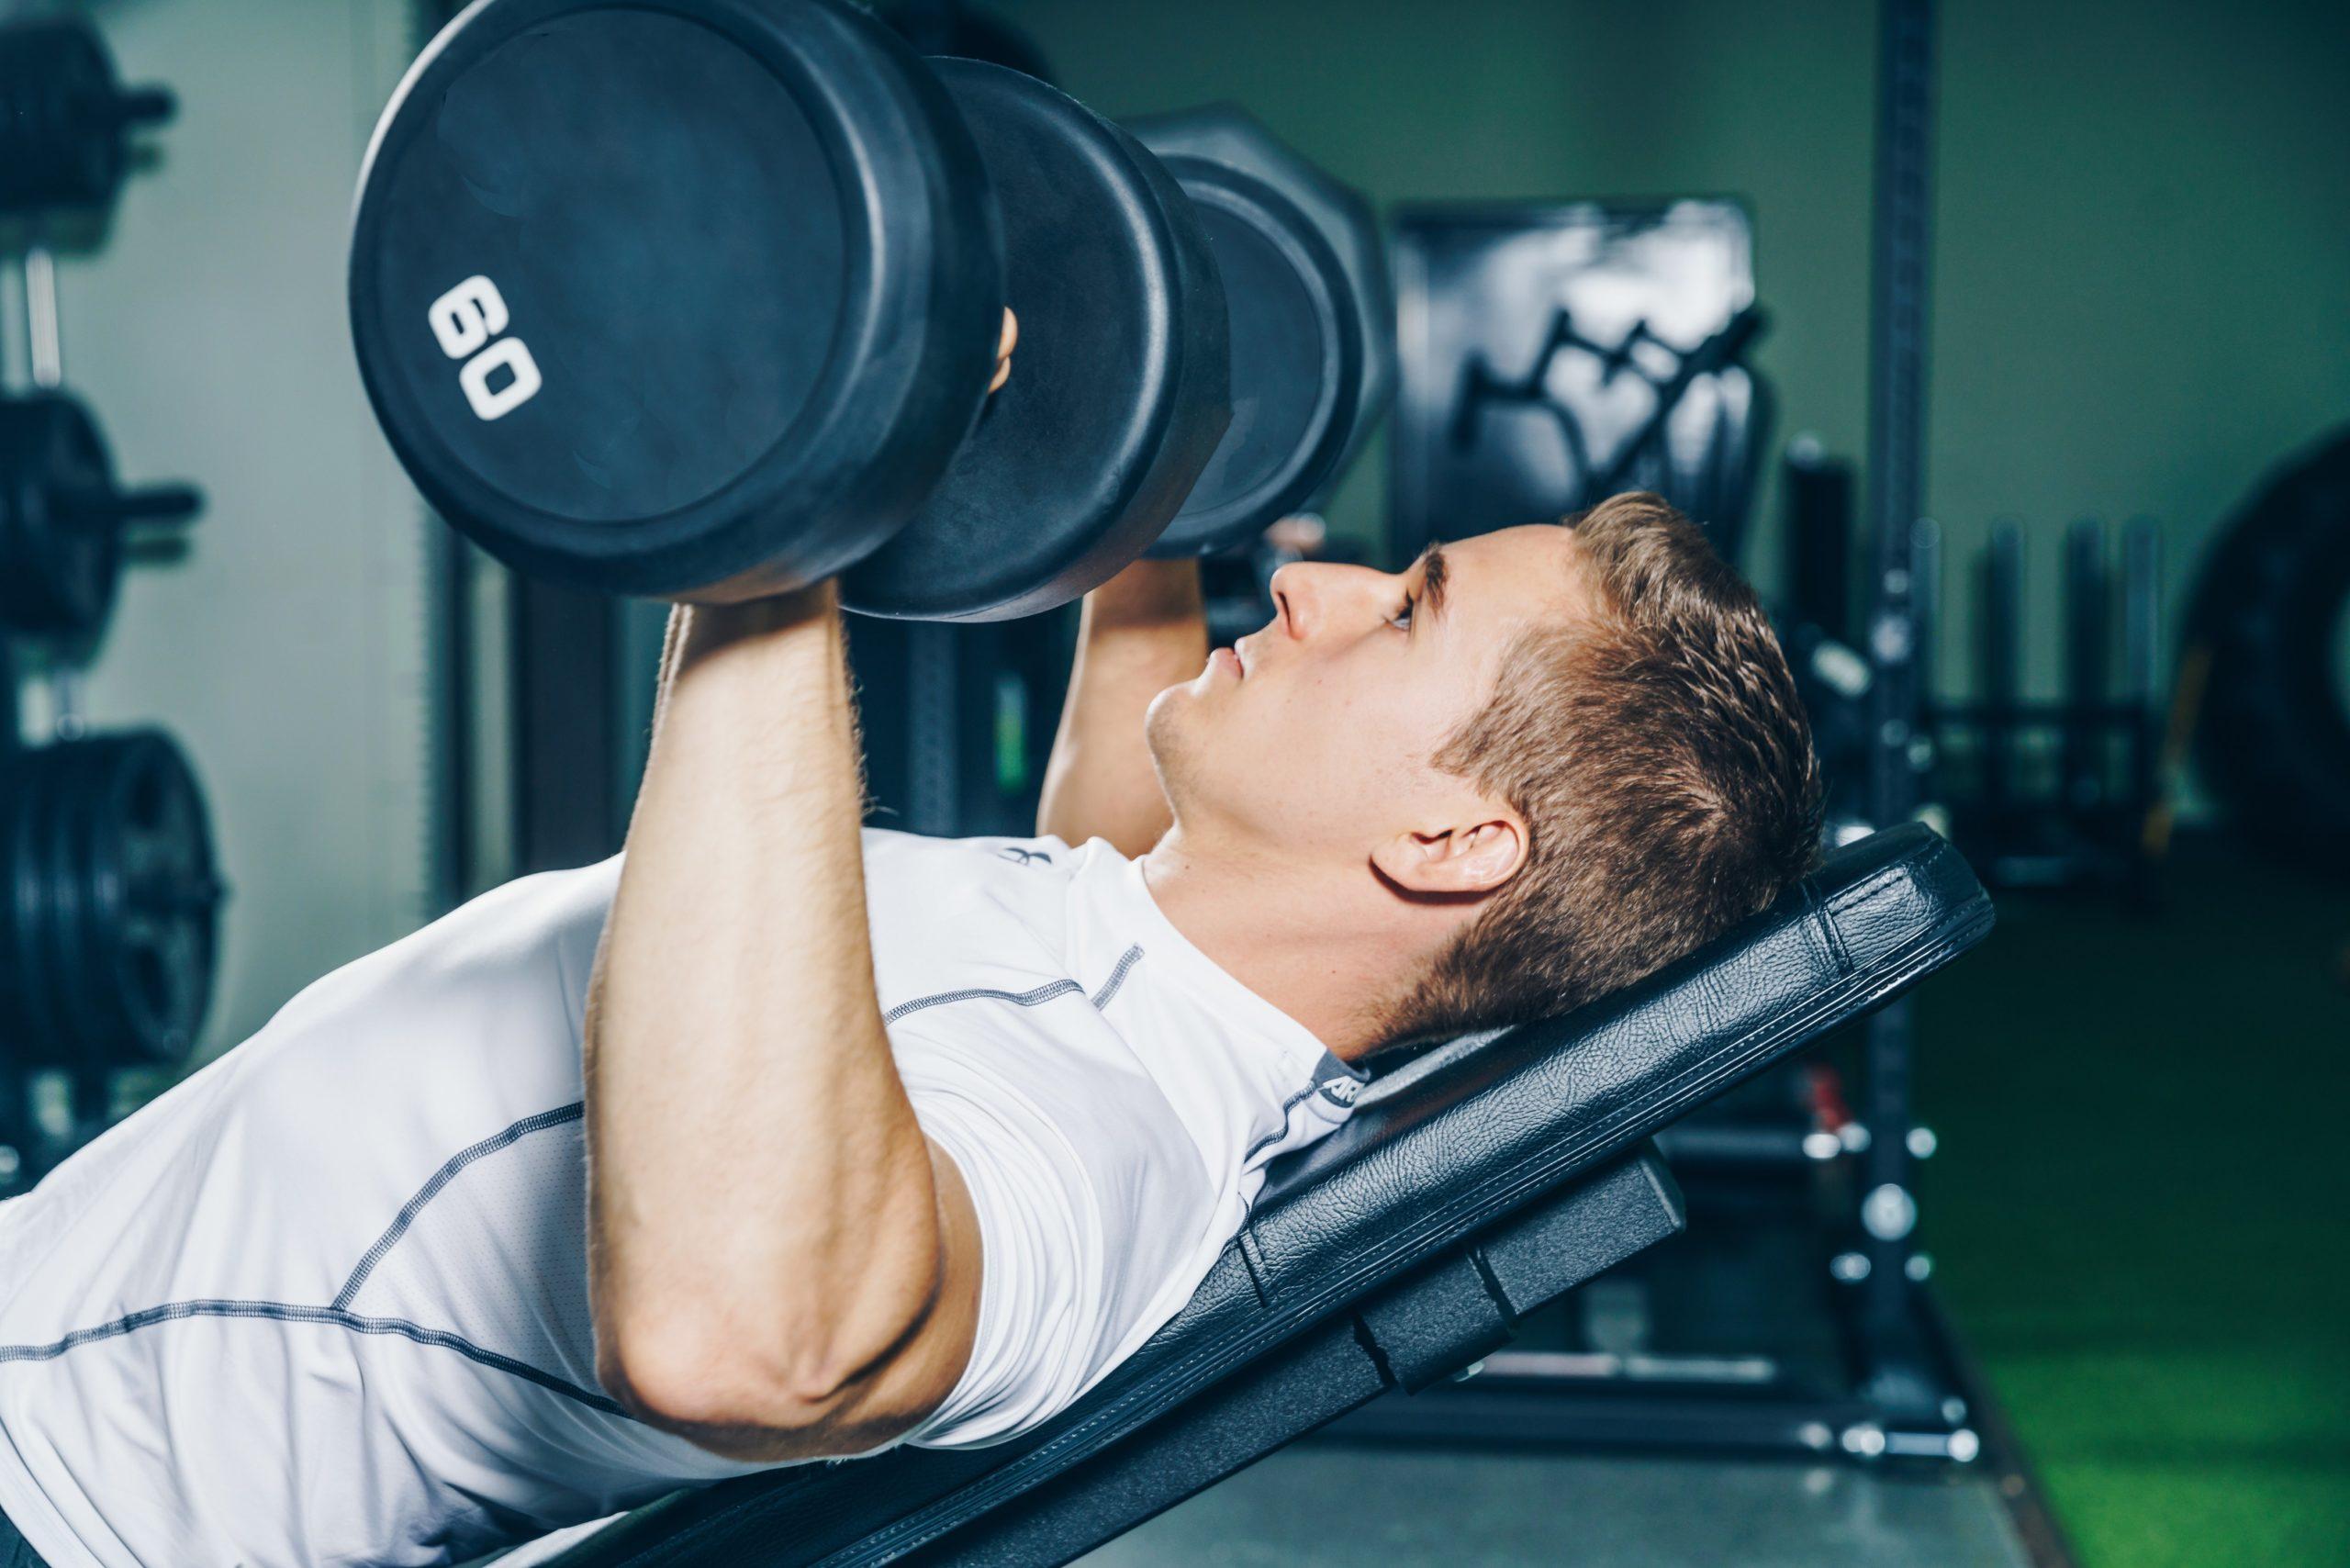 ท่าไหนดี?ท่าไหนโดน!? รวมท่า「ออกกำลังกายผู้ชาย」 เล่นยังไงให้กล้ามโต!!!!